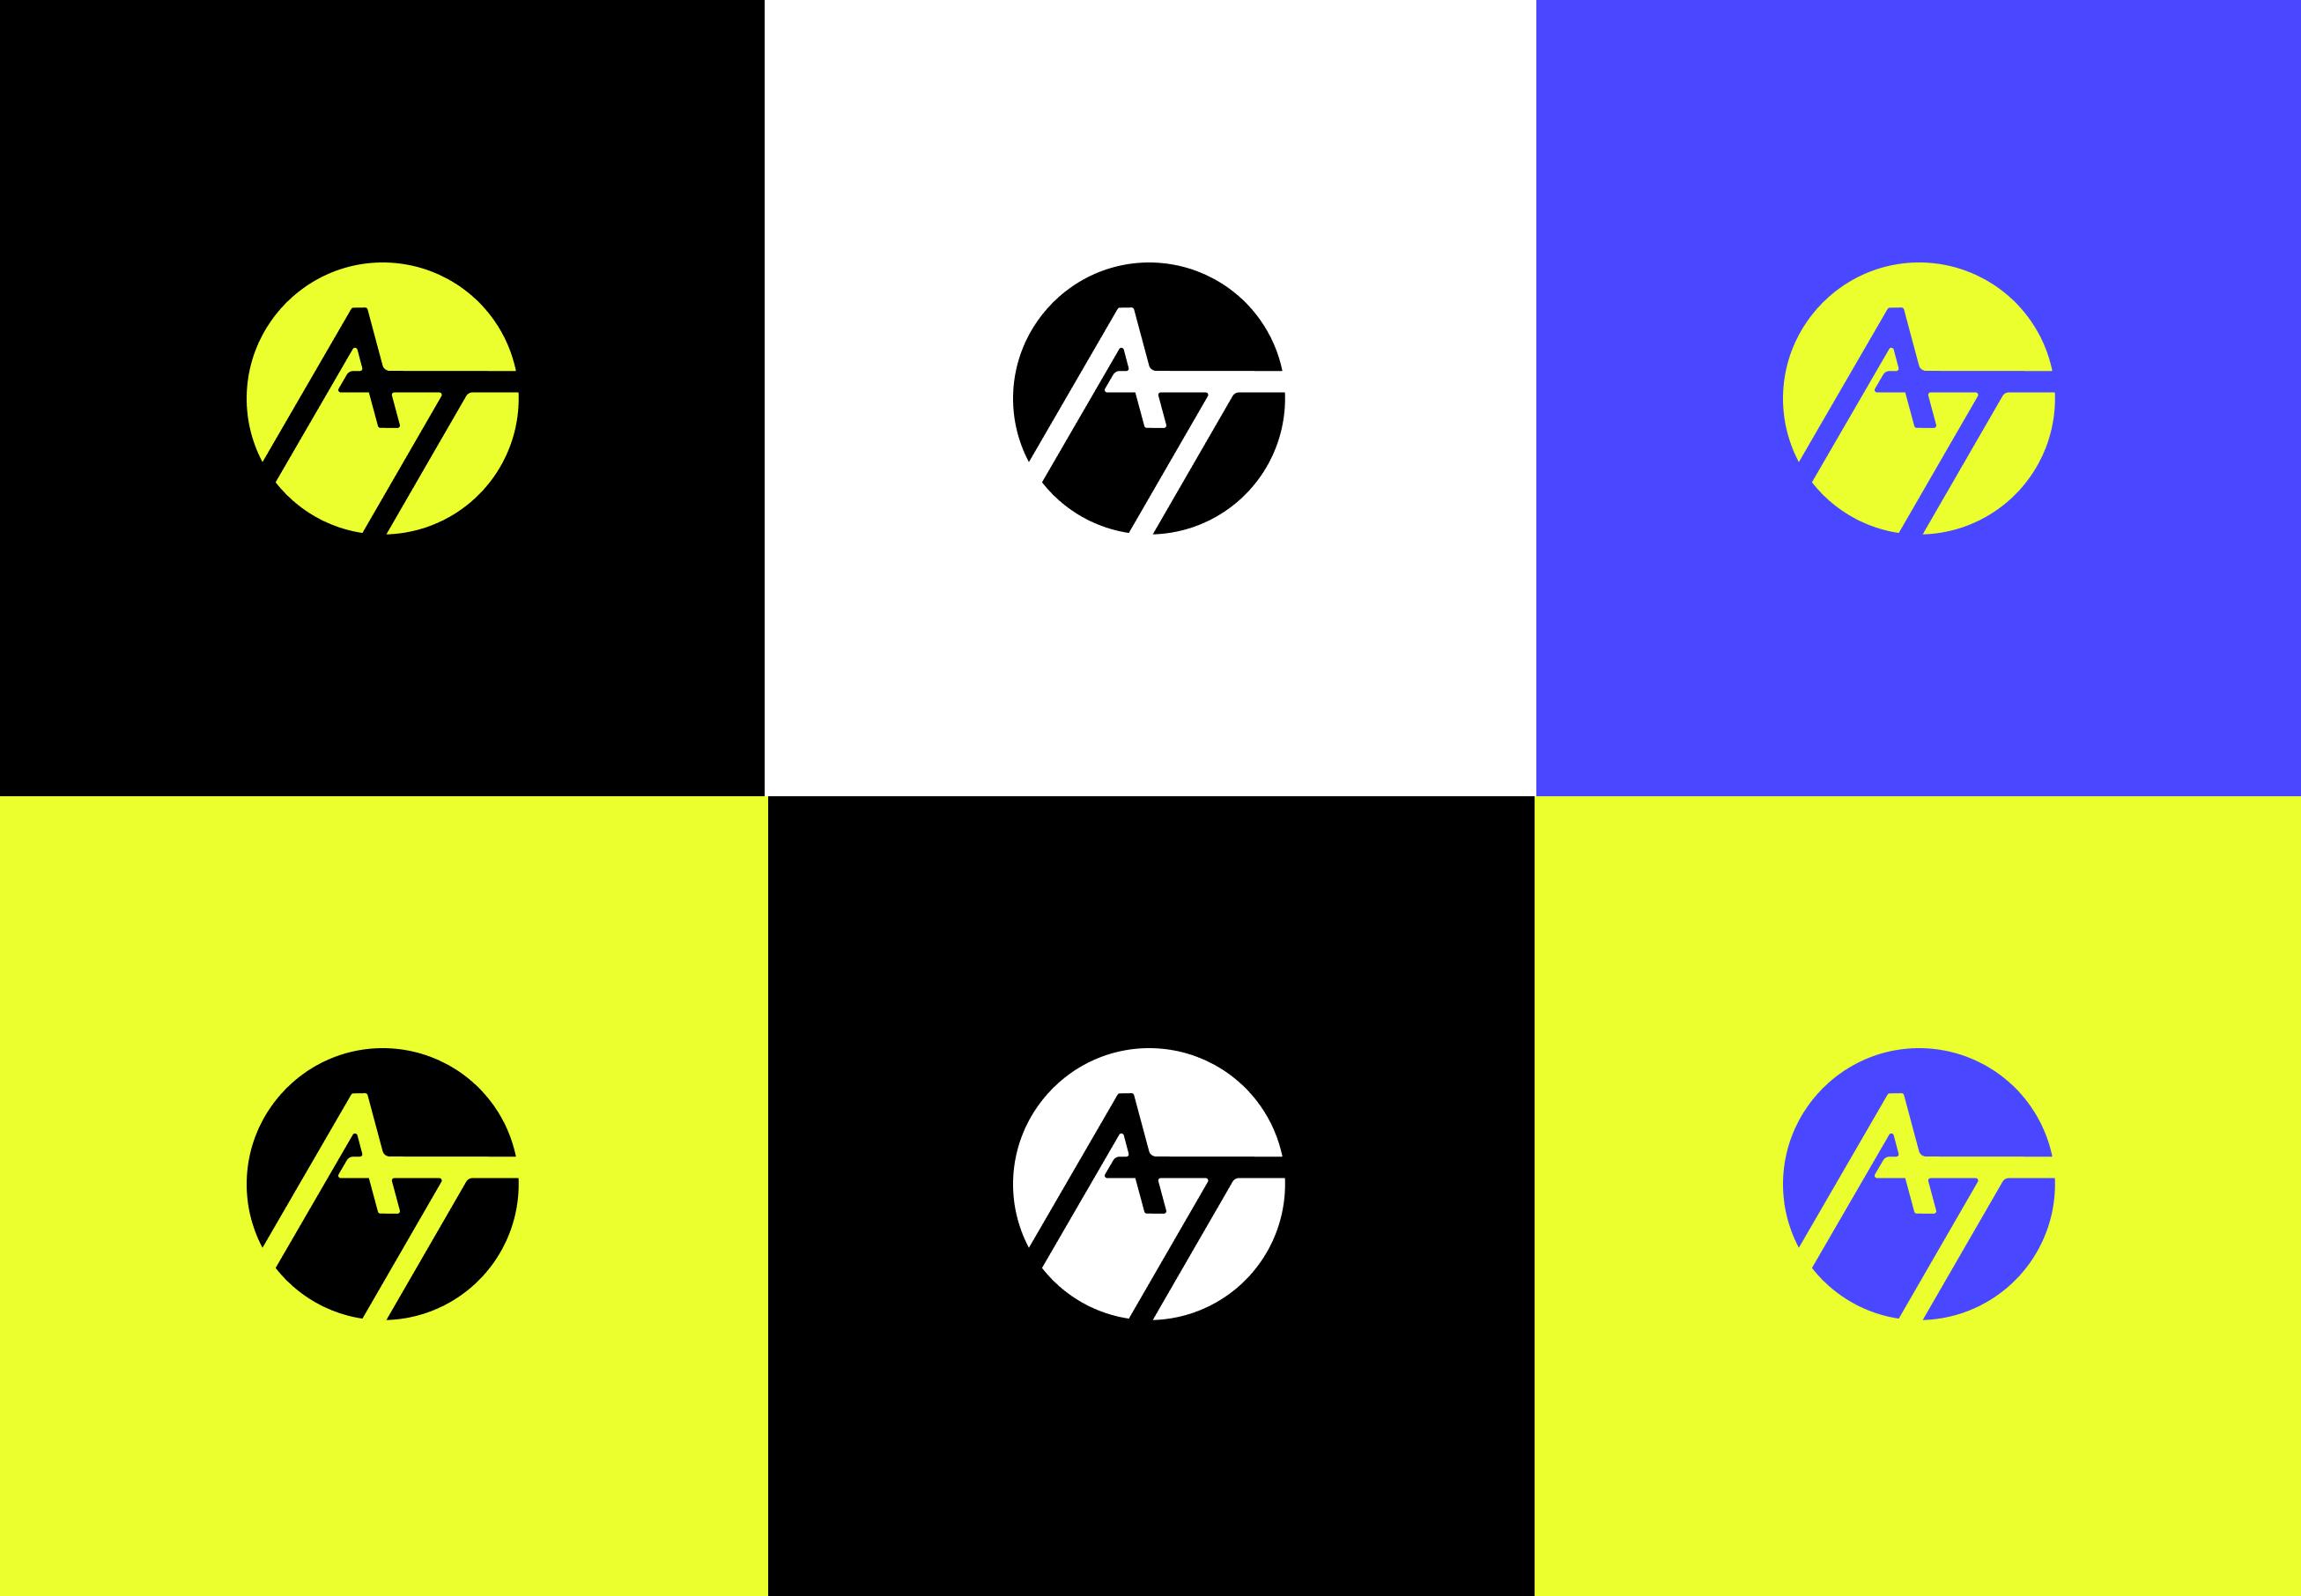 2_app-icon